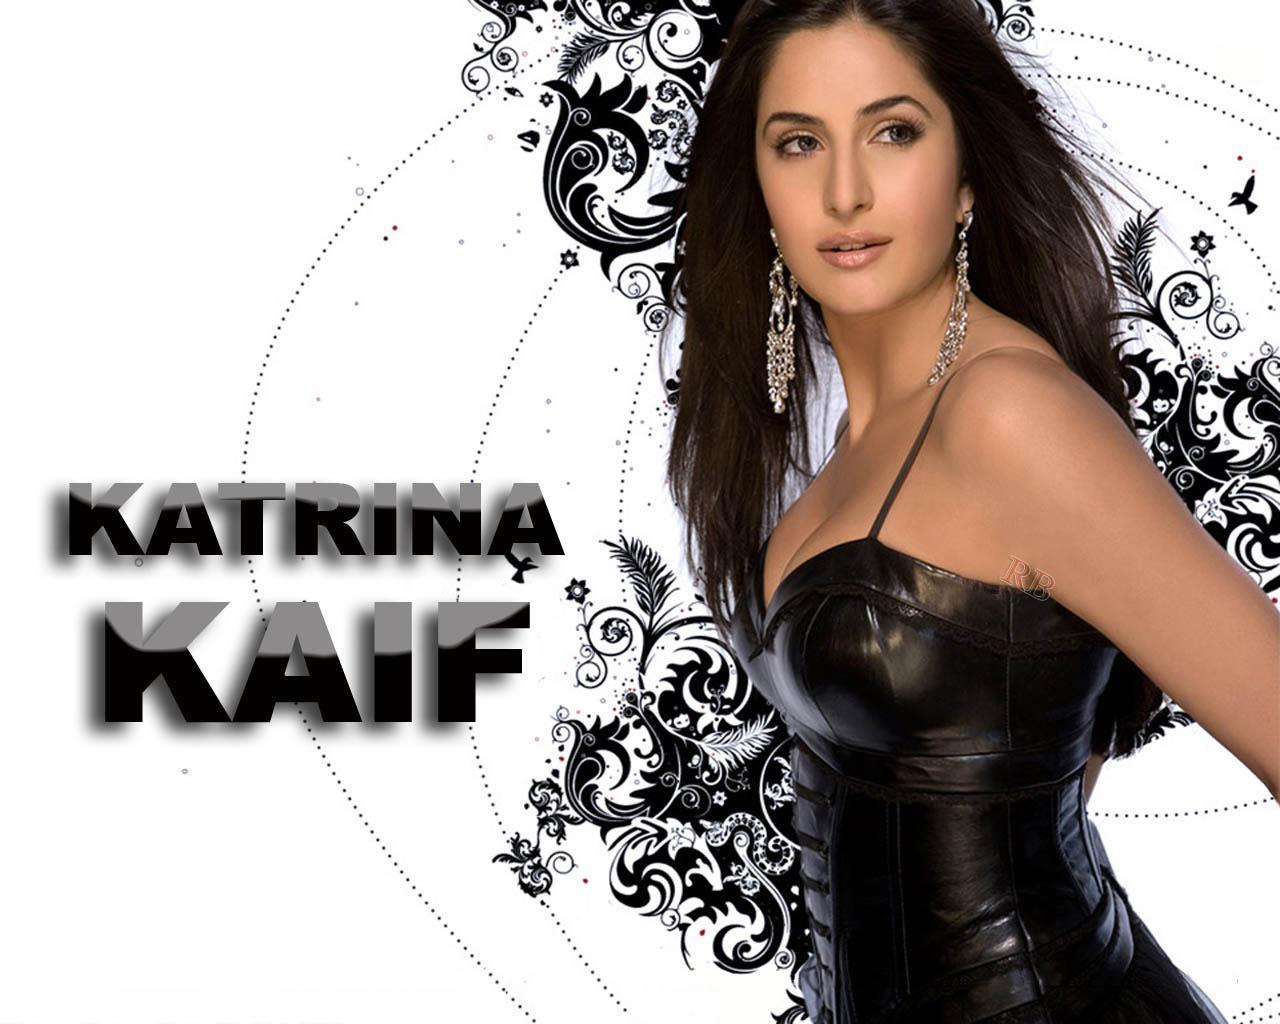 Hot Katrina Kaif without Clothes